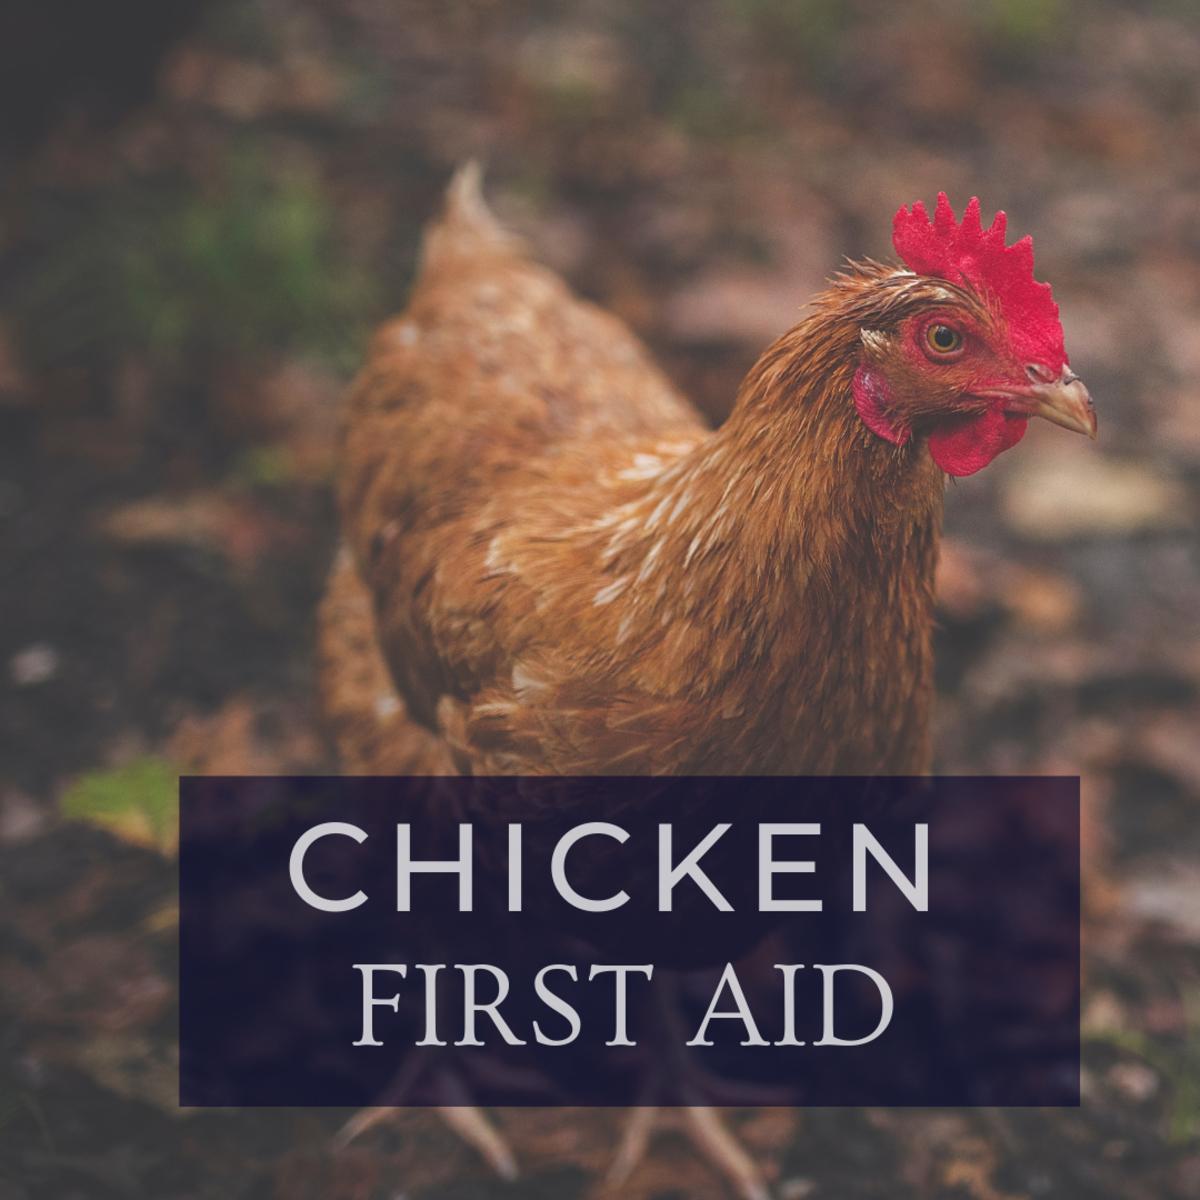 Chicken First Aid